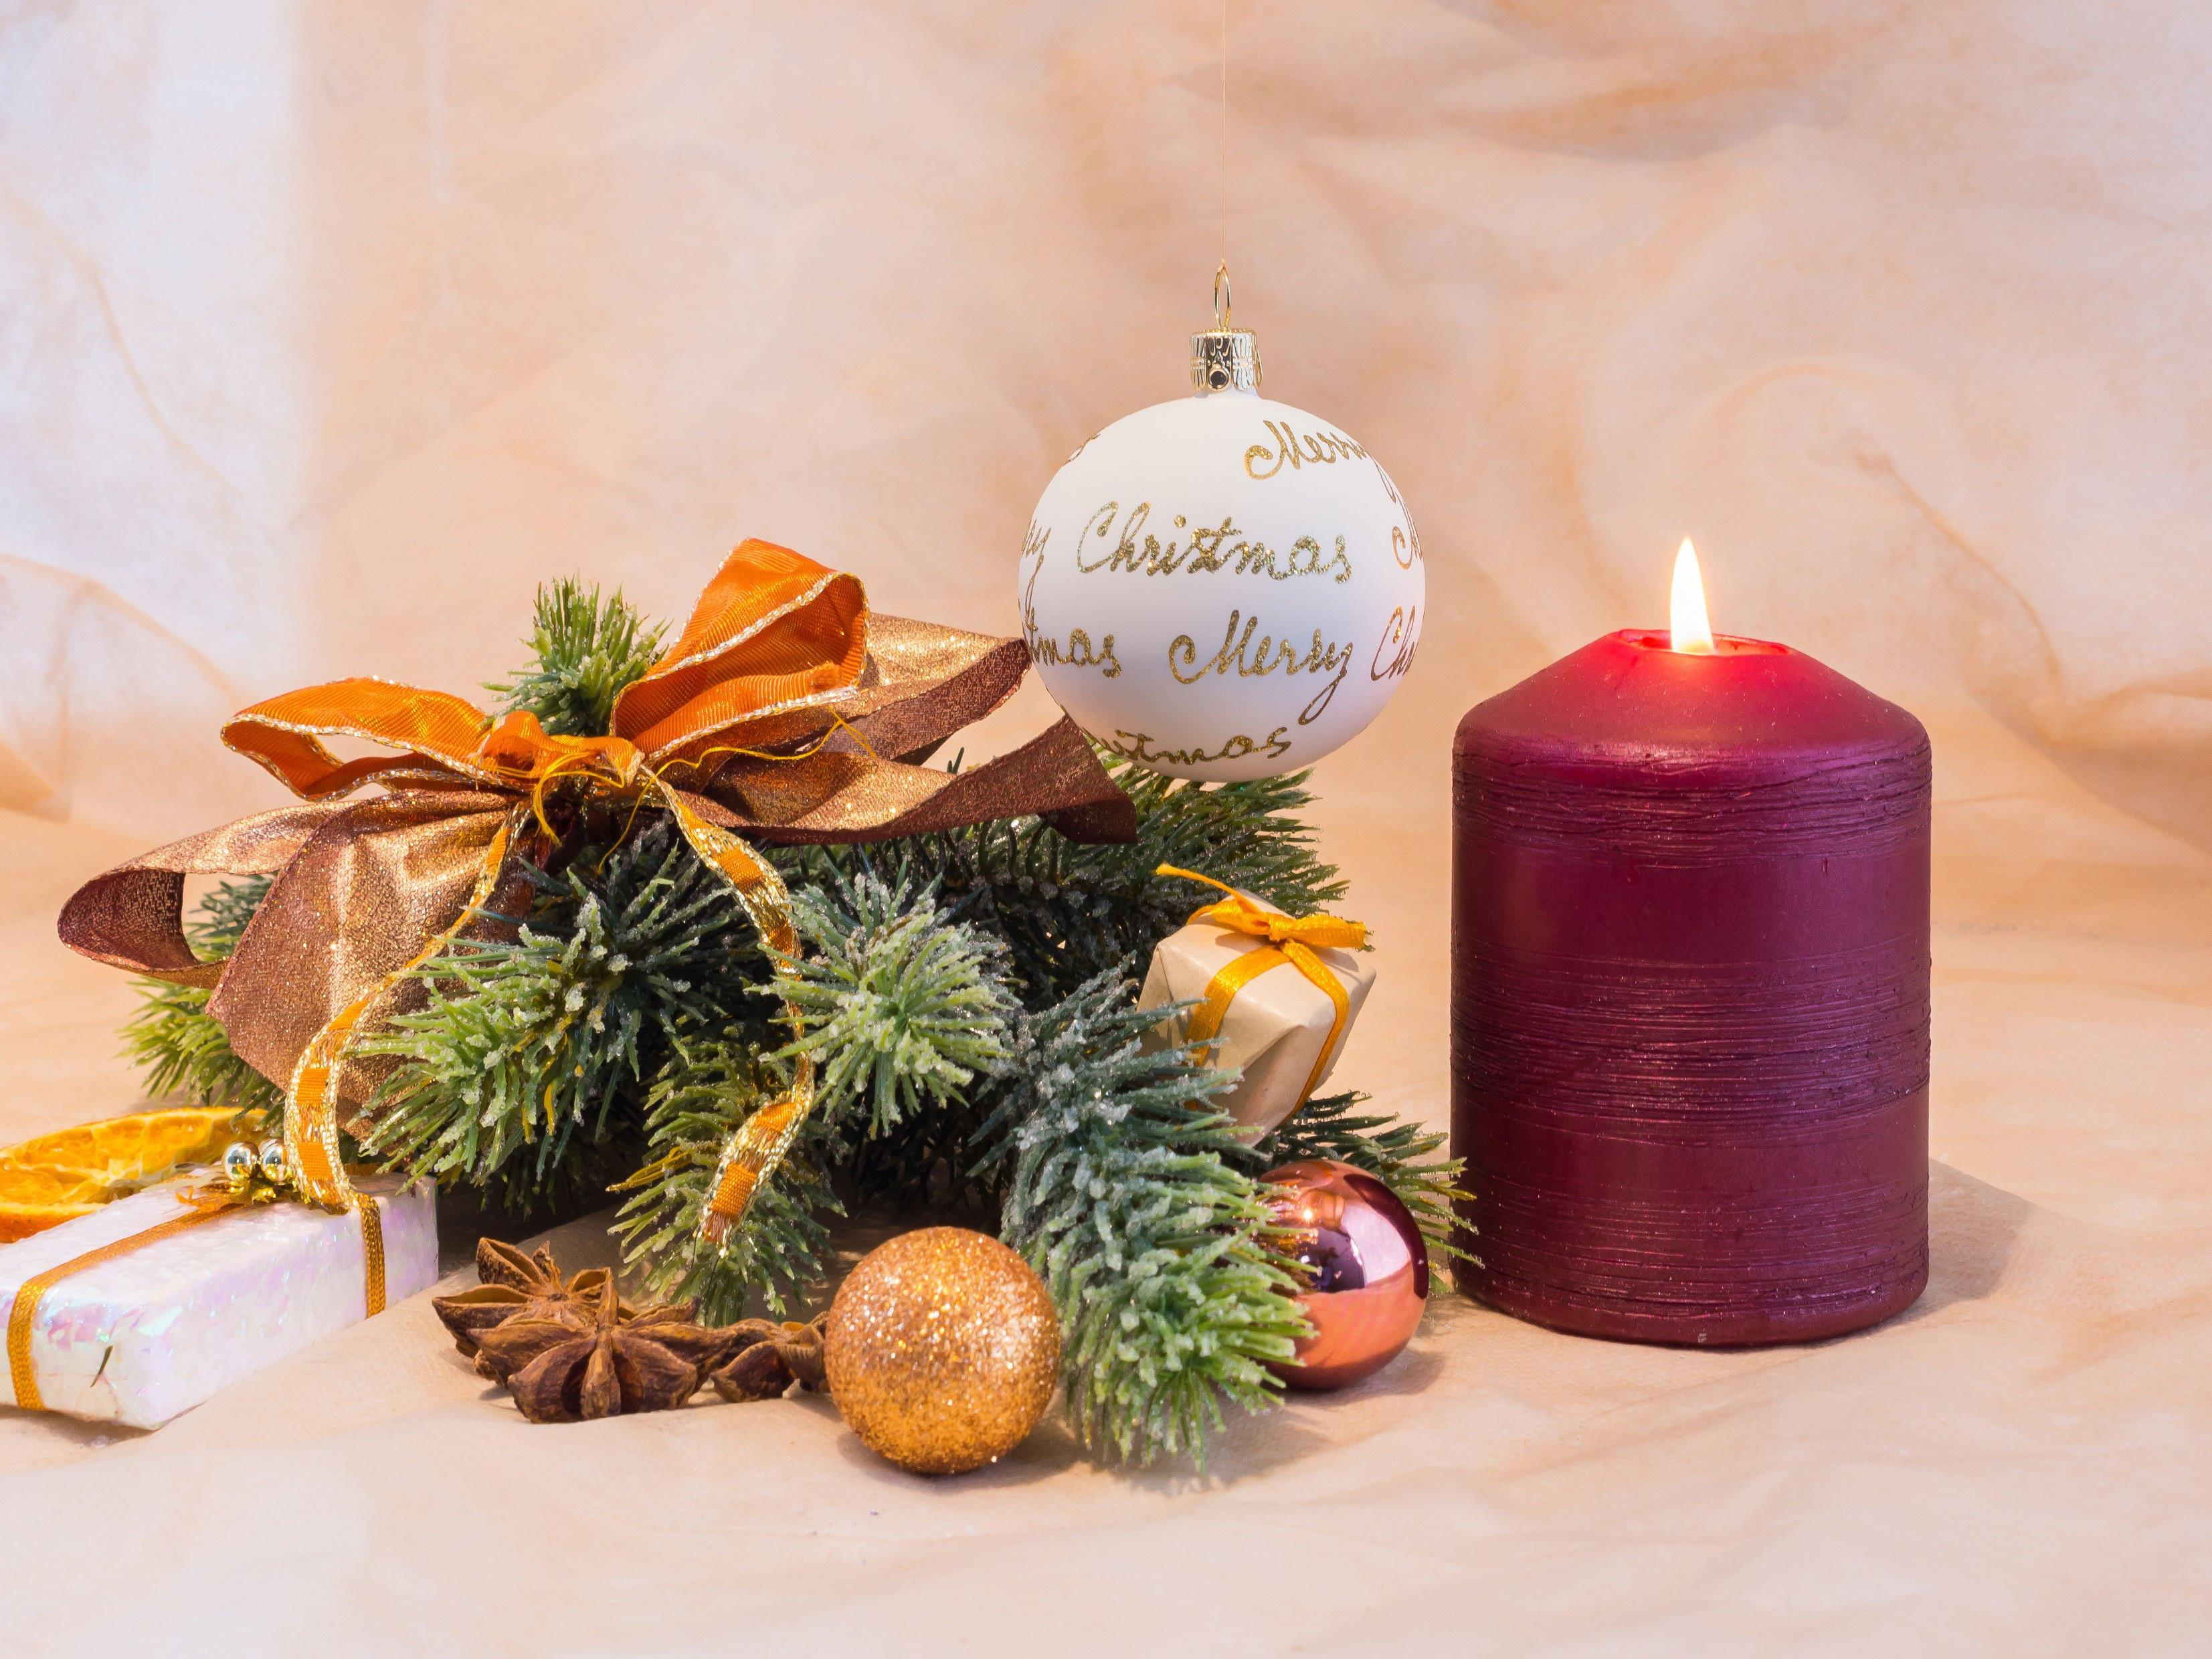 Ein besinnliches Weihnachtsfest wäre schön - mit ein paar Tipps gelingt es auch